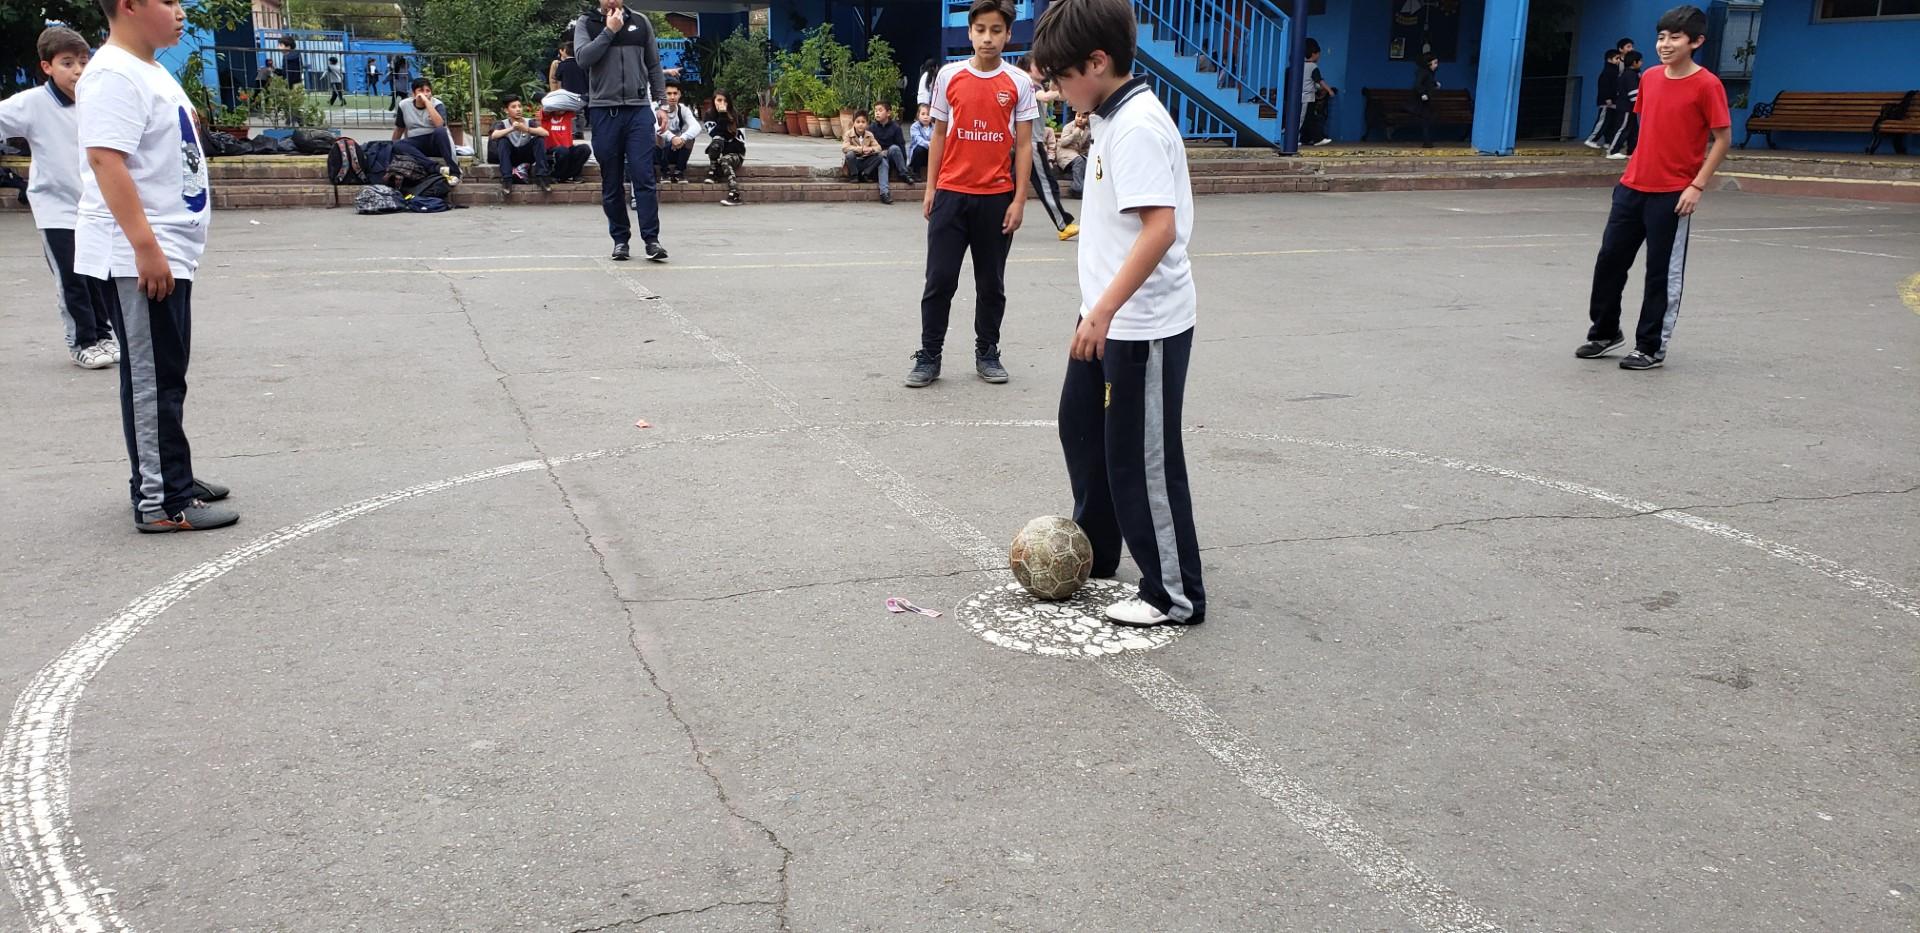 Campeonato Futbol – 26 de Septiembre